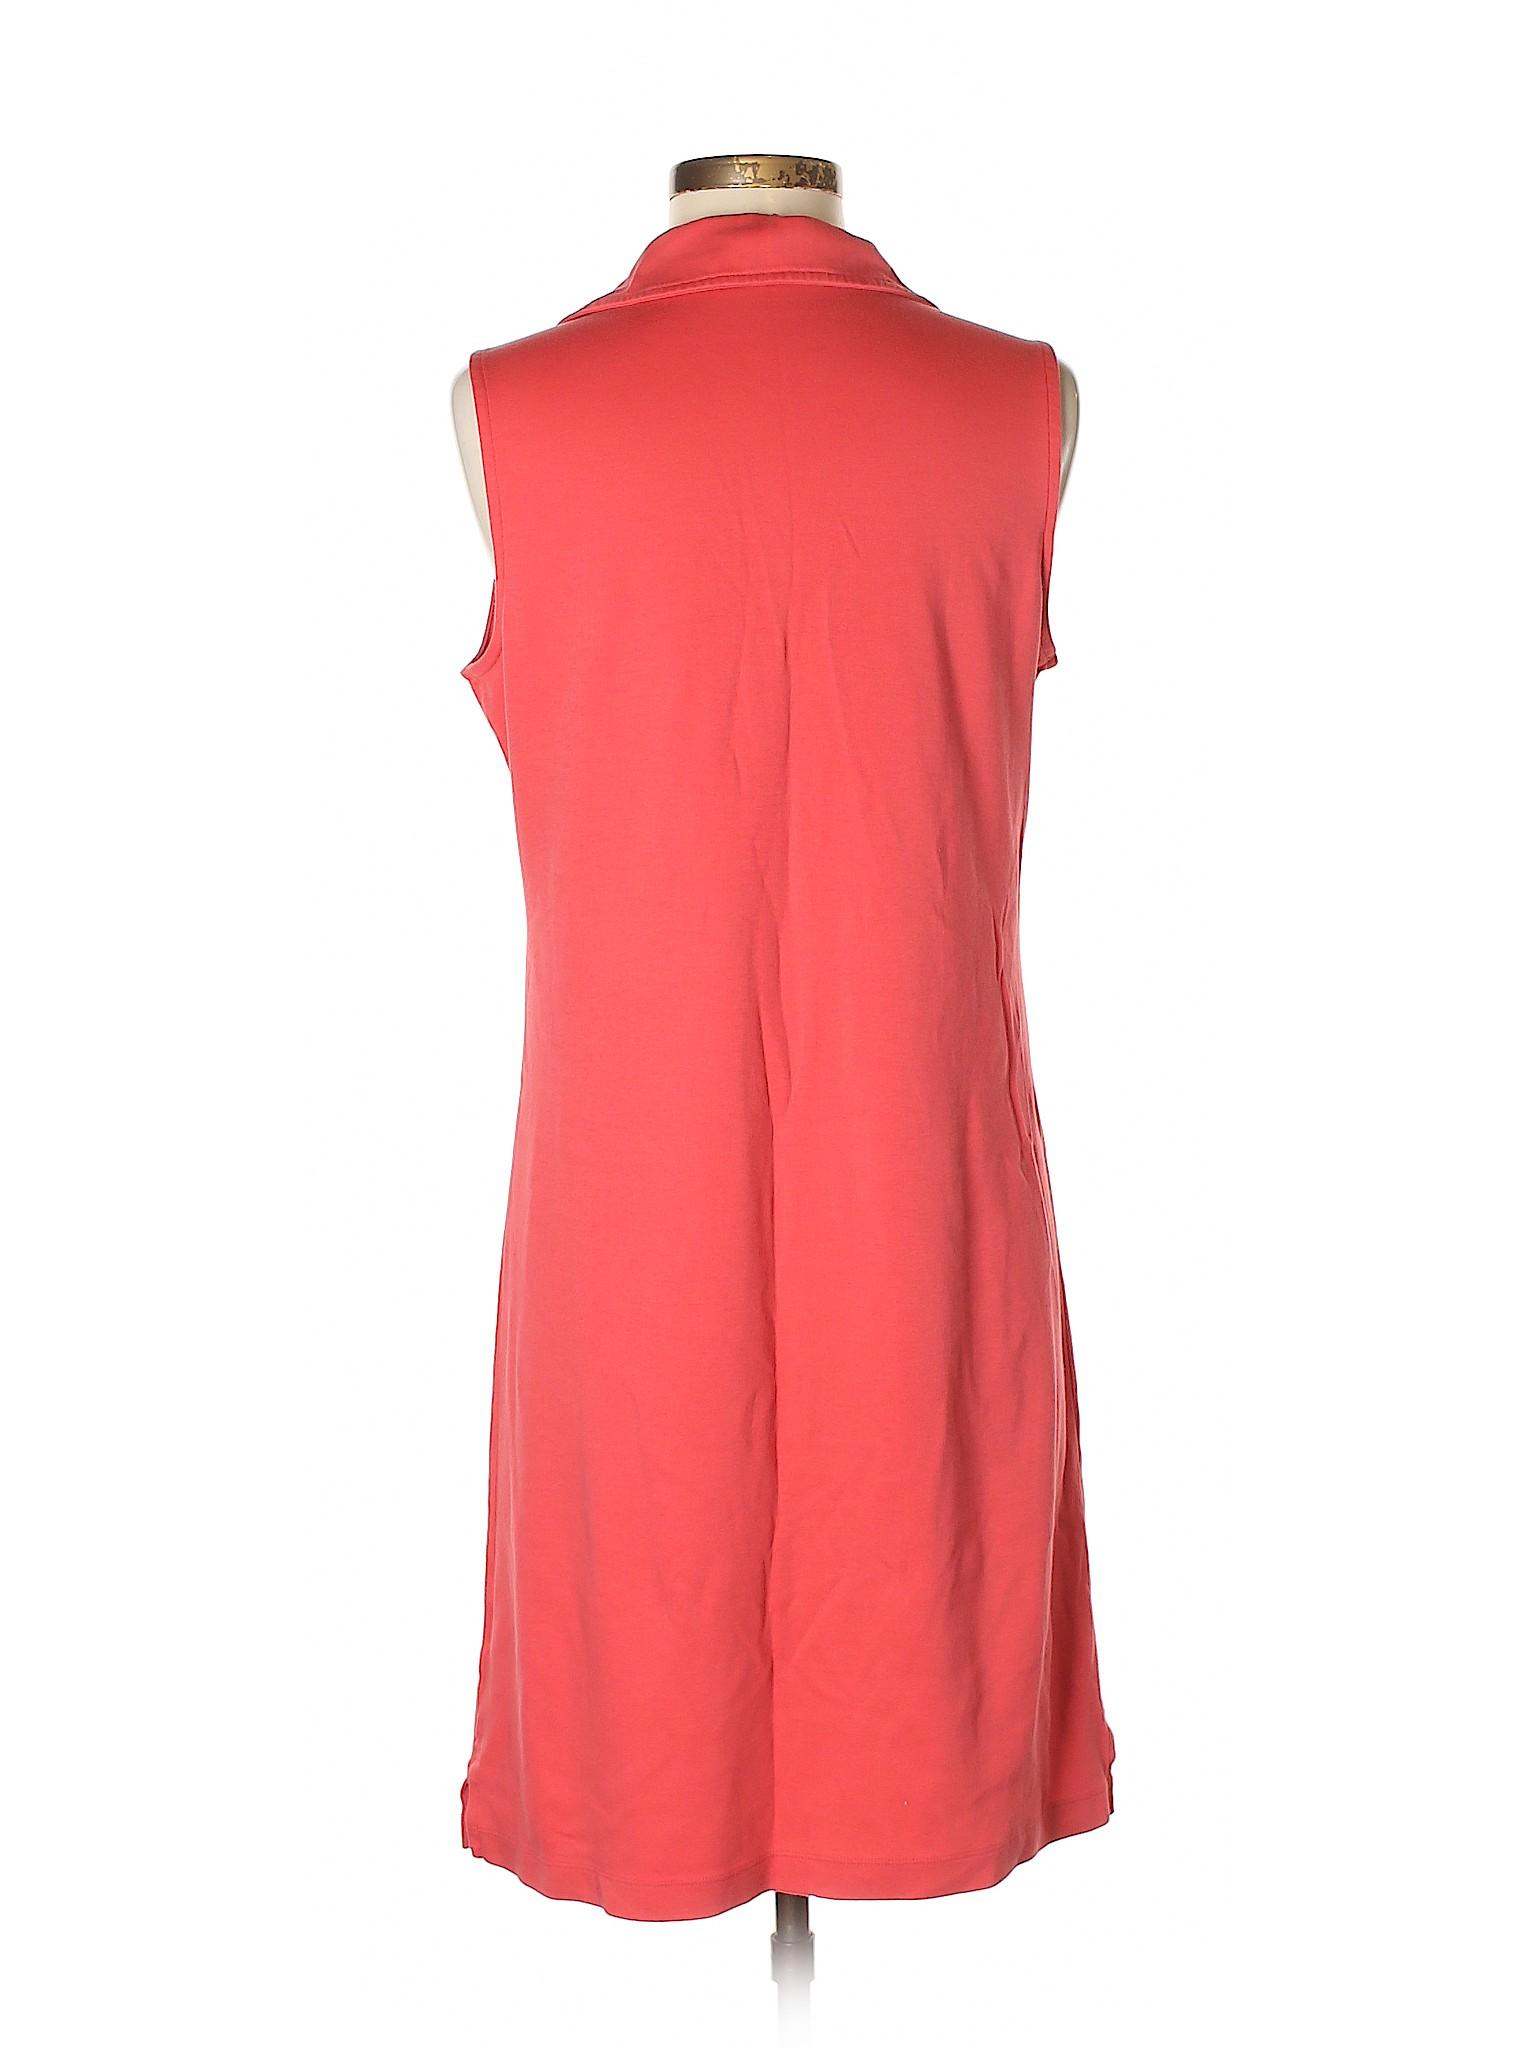 winter End Dress Lands' Boutique Casual F4qfqx